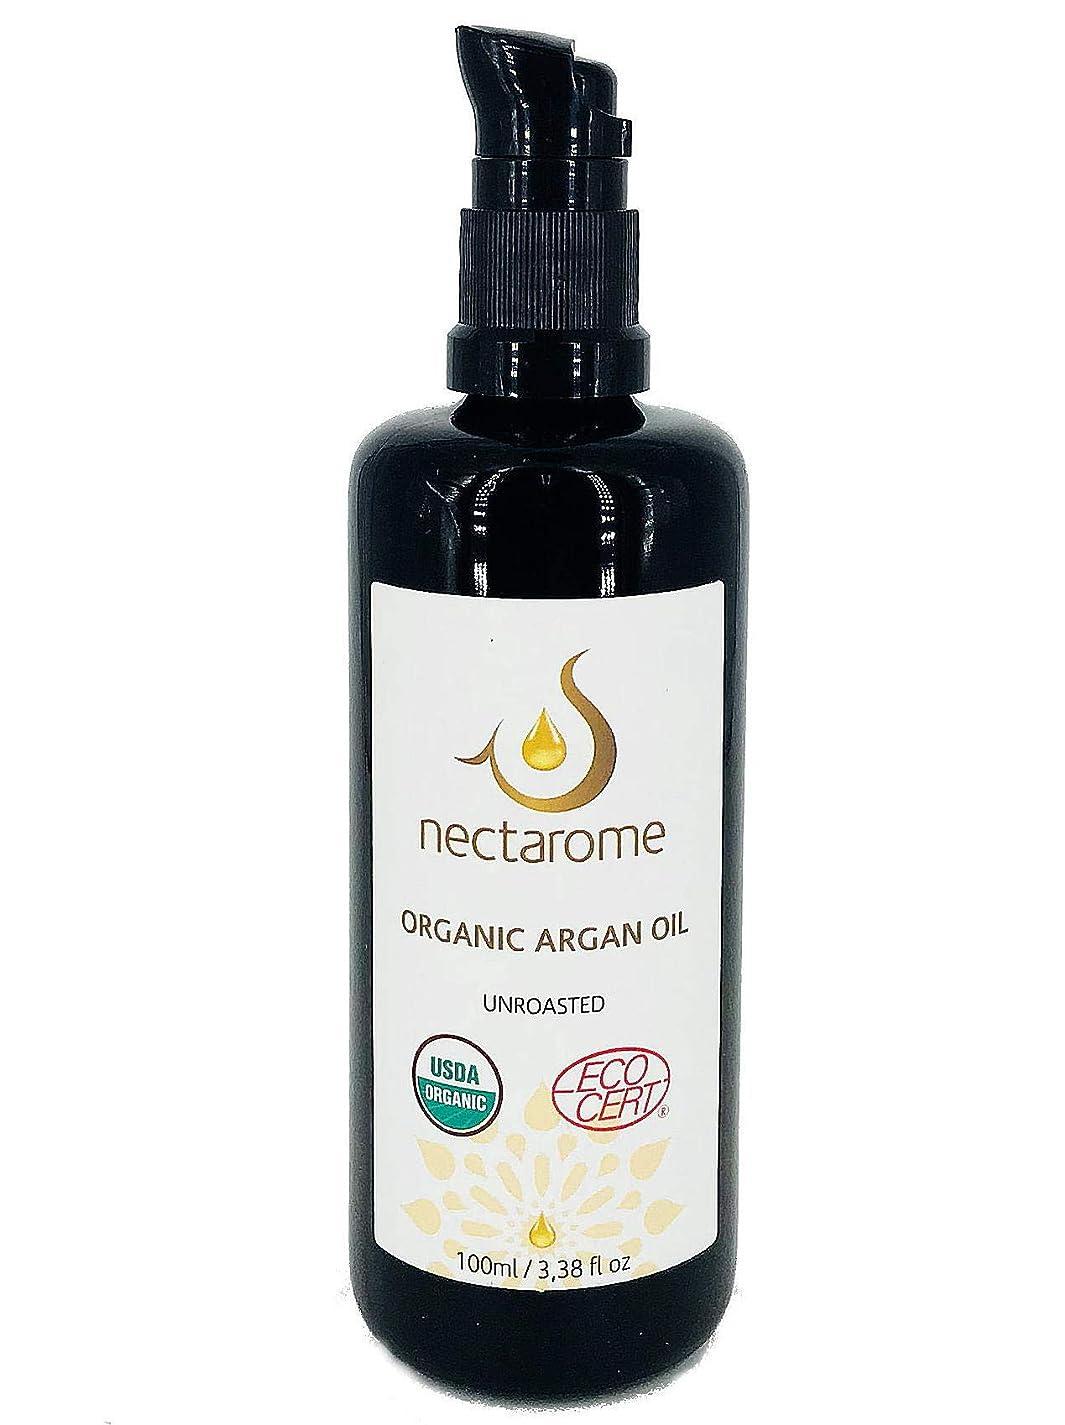 本土強大なばか【正規販売店】ネクタローム Nectarome オーガニック?アルガンオイル100% エコサート USDA 認証 (100ml)